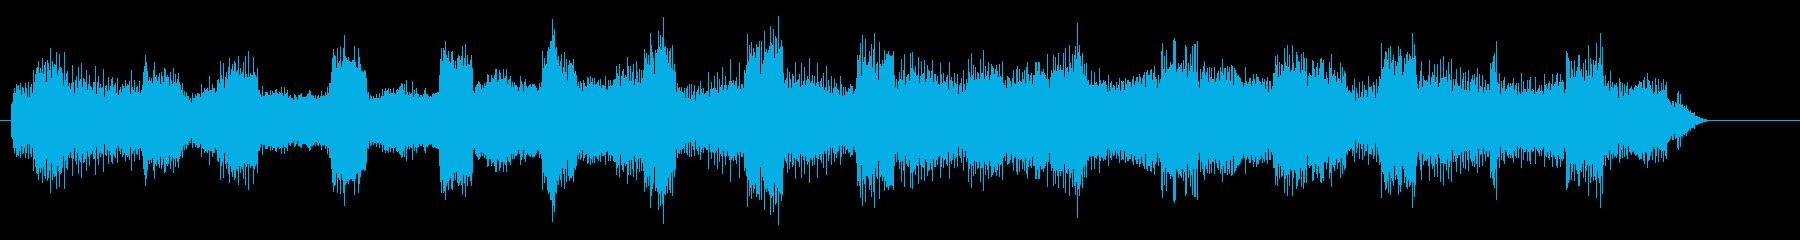 絶望、失望的な未来、動揺する暗い音 3の再生済みの波形